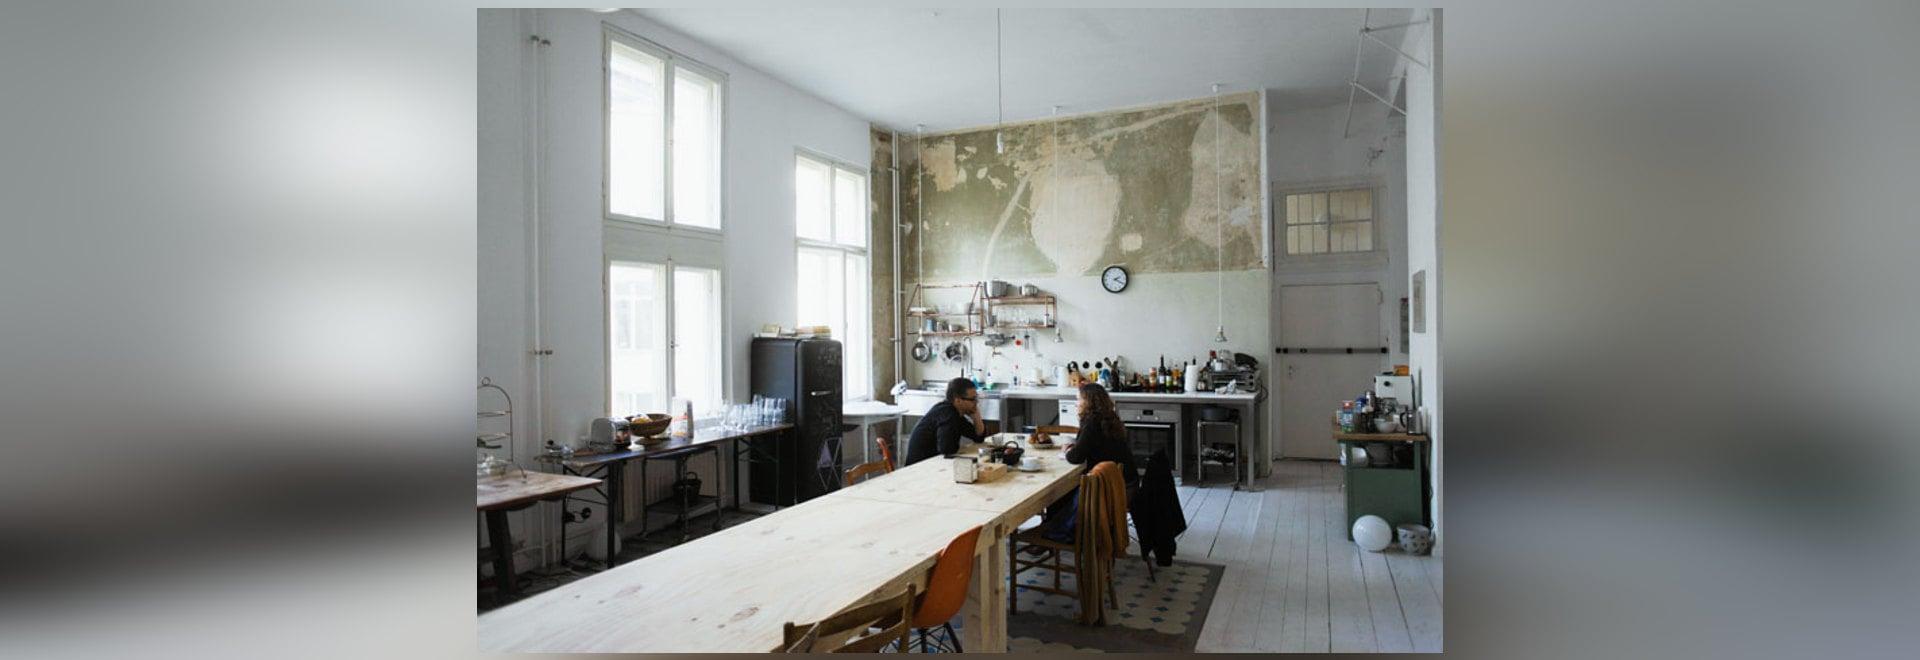 Magnus decken, Fotograf/Berlin, Deutschland, Foto durch Ailine Liefeld mit Schilf.